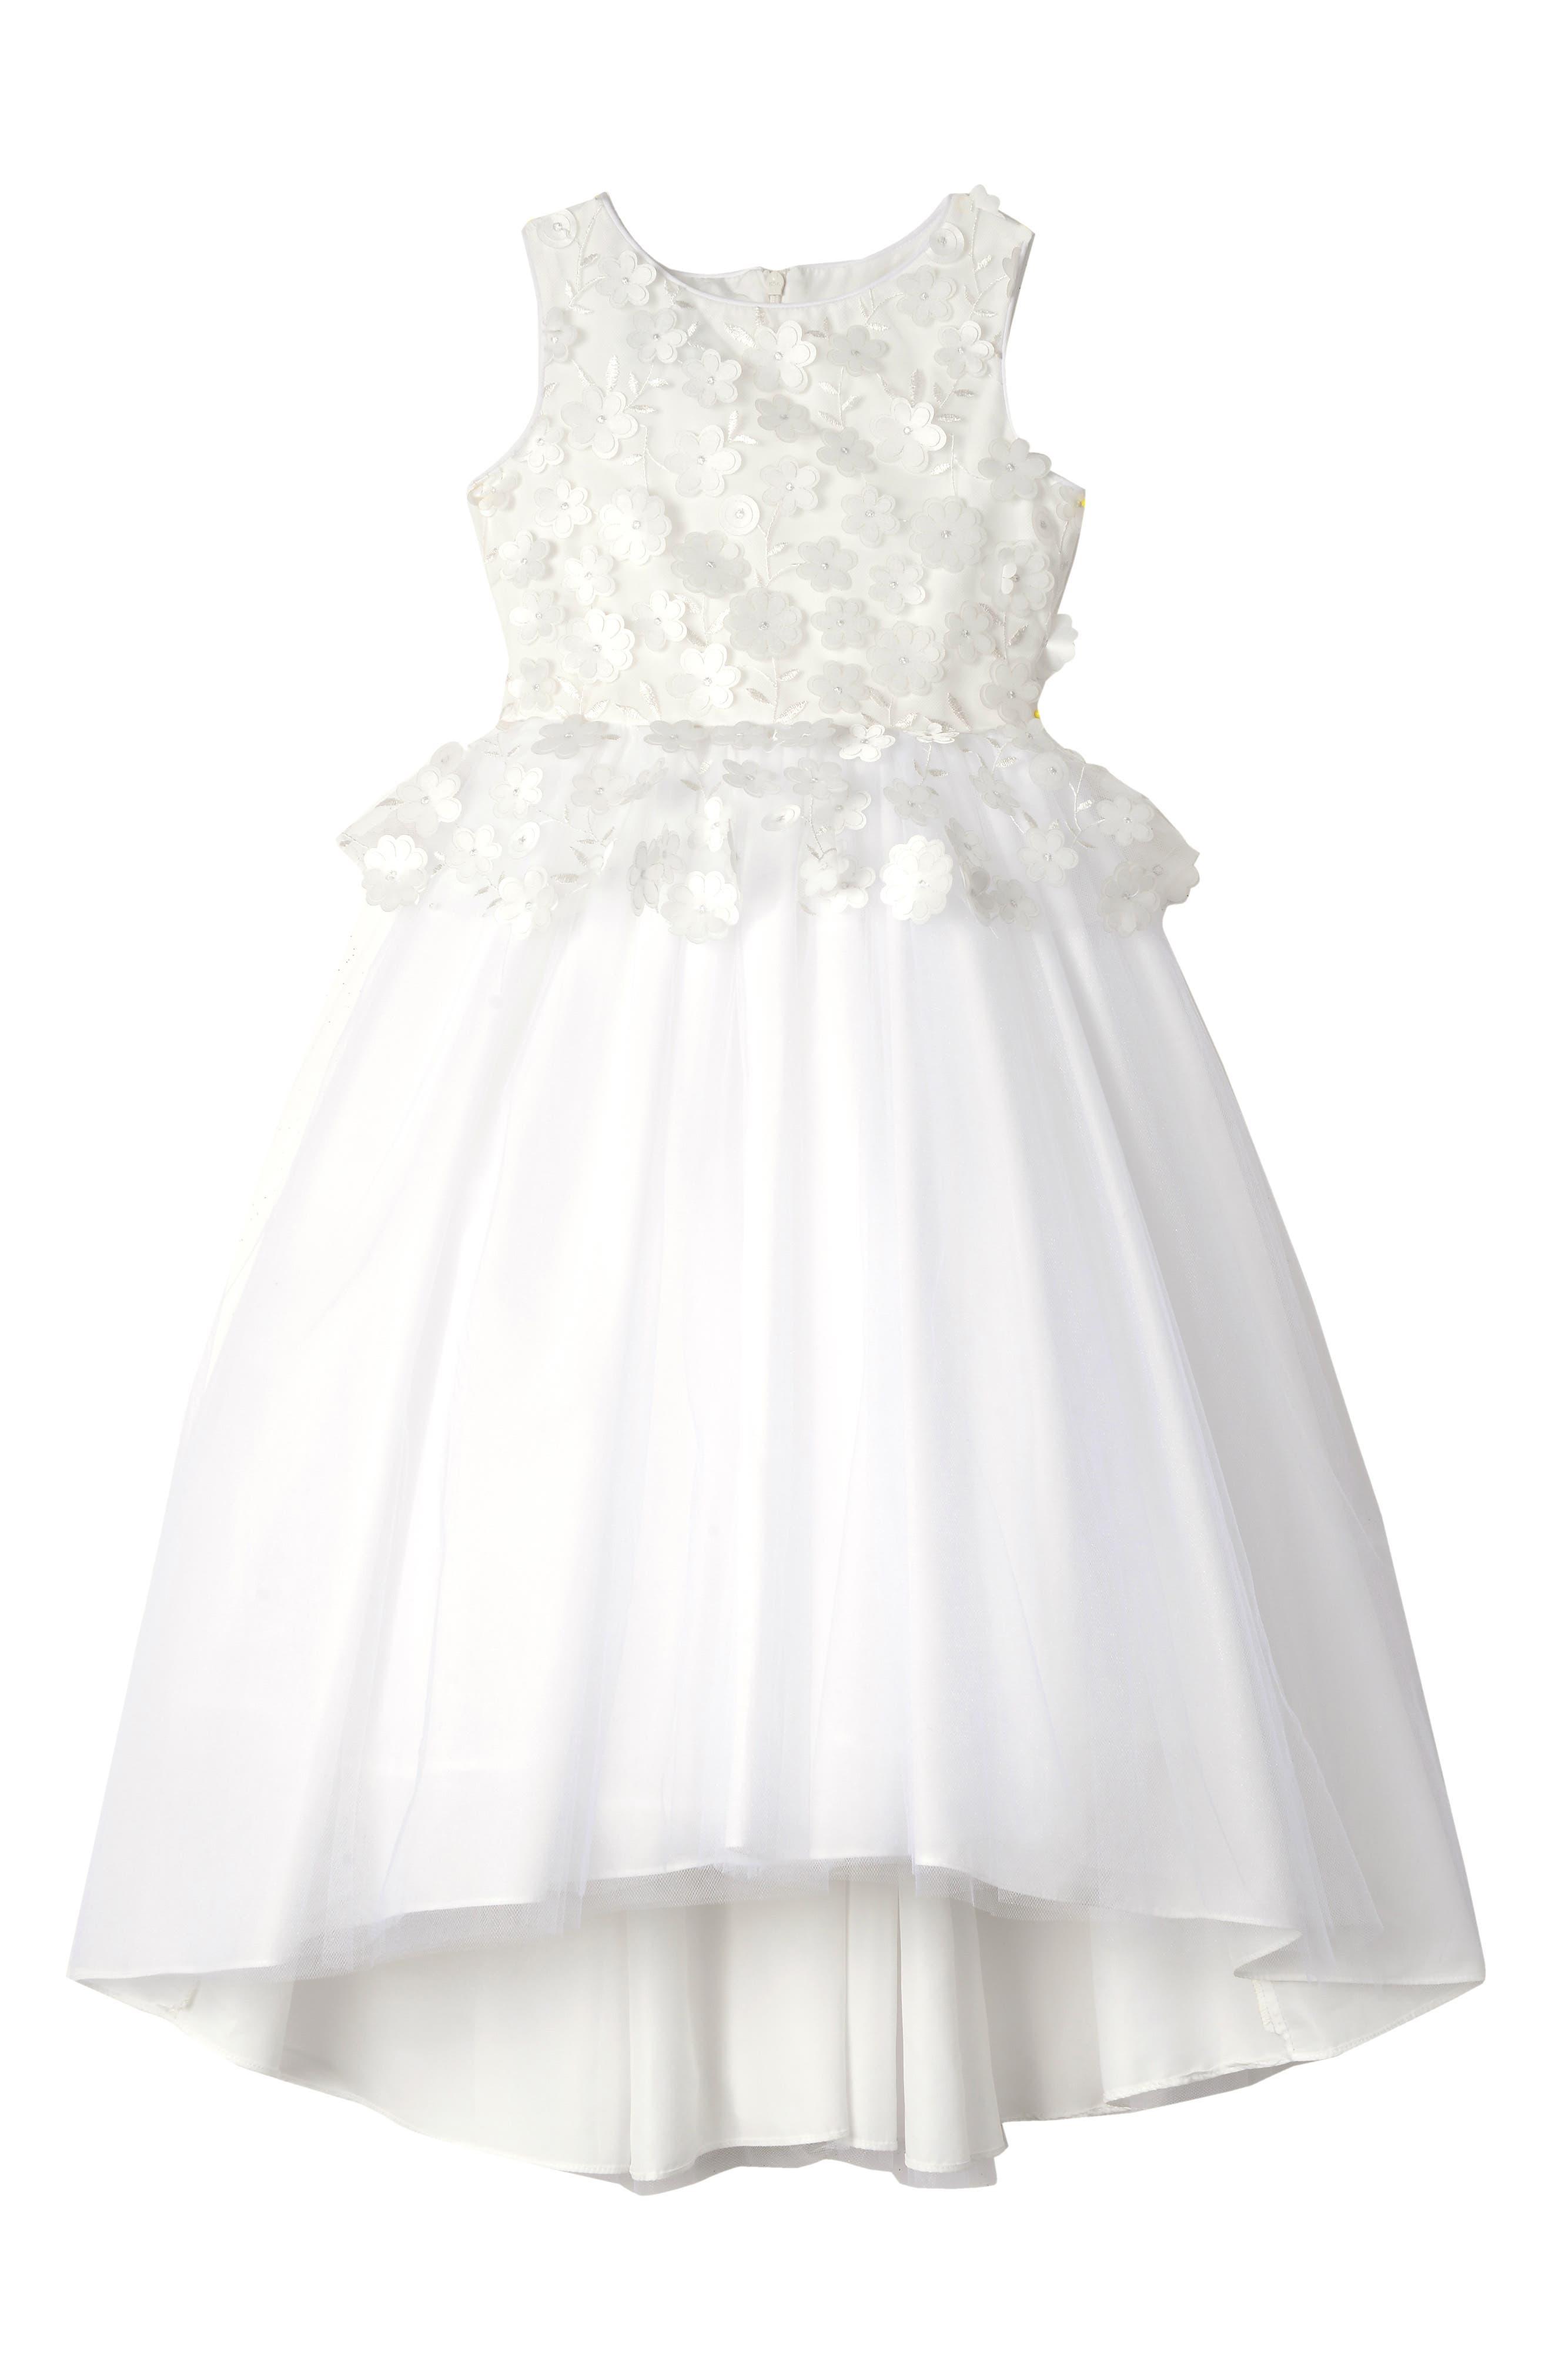 BADGLEY MISCHKA COLLECTION,                             Badgley Mischka 3D Flower Peplum Dress,                             Main thumbnail 1, color,                             WHITE